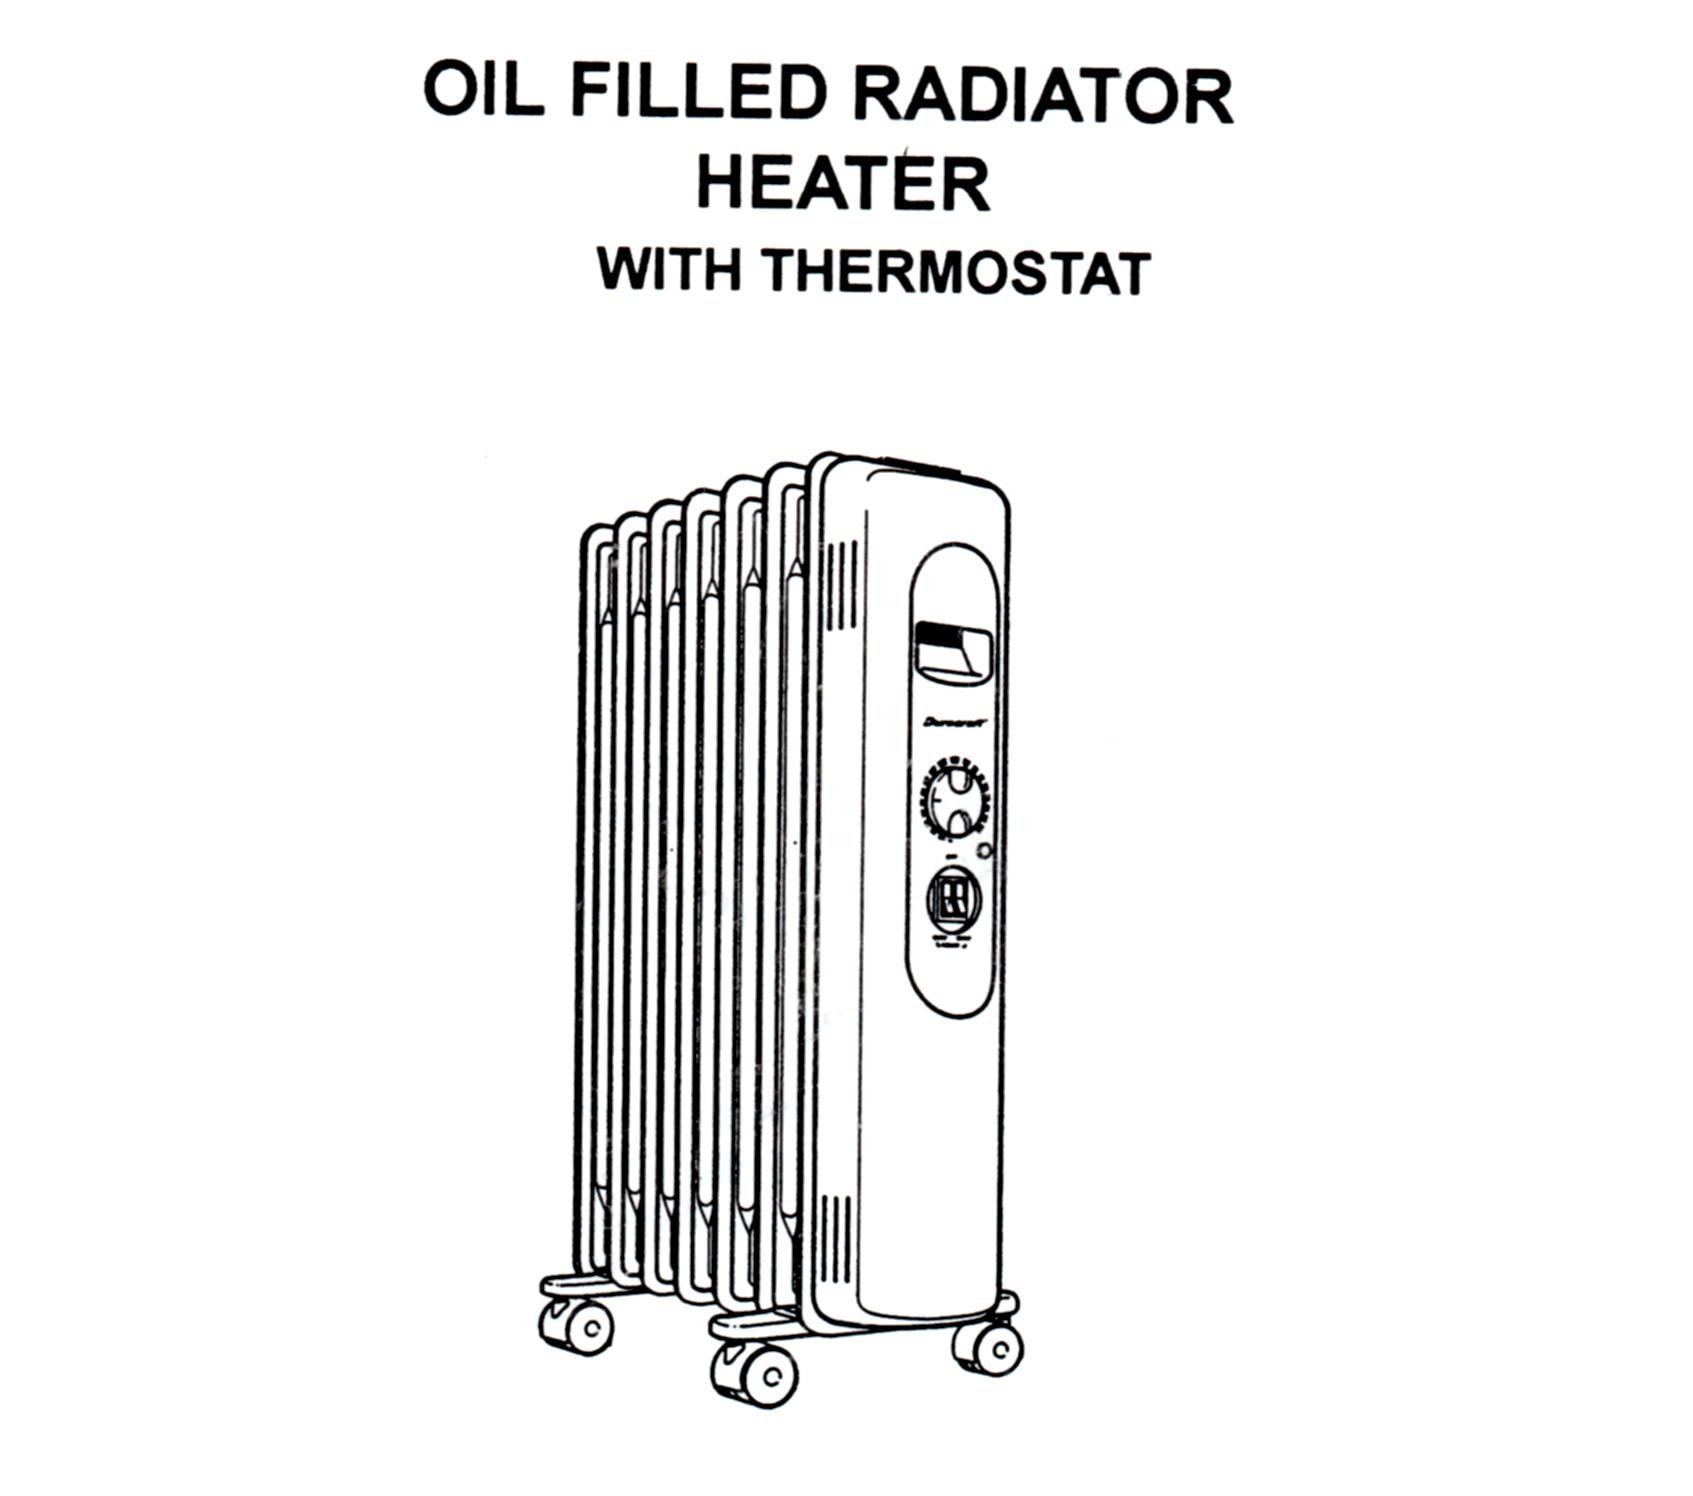 Duracraft Oil Filled Radiator Heater Model Cz 600 Owner S